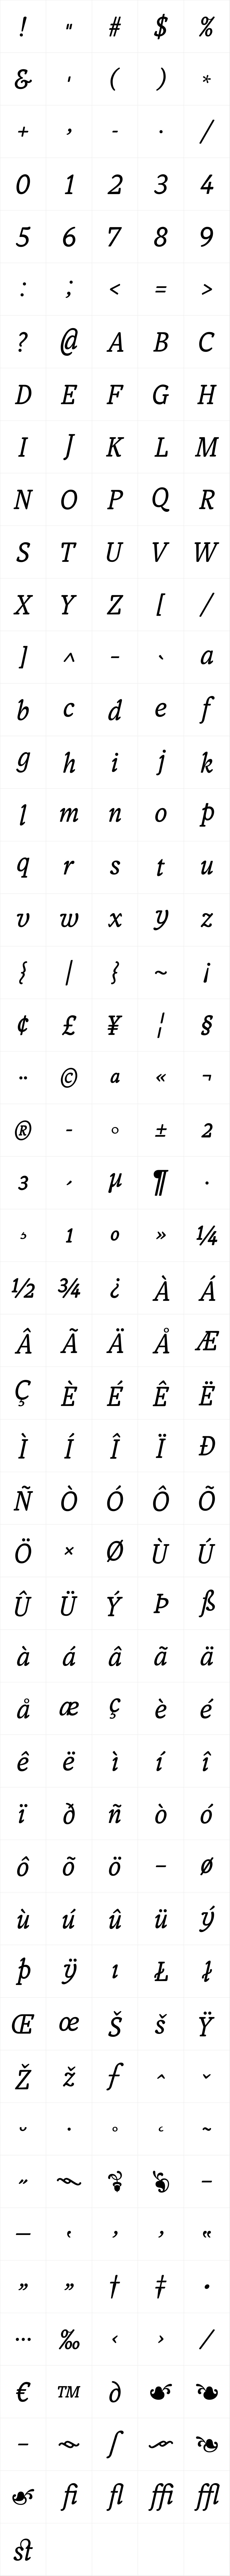 Telltale Italic